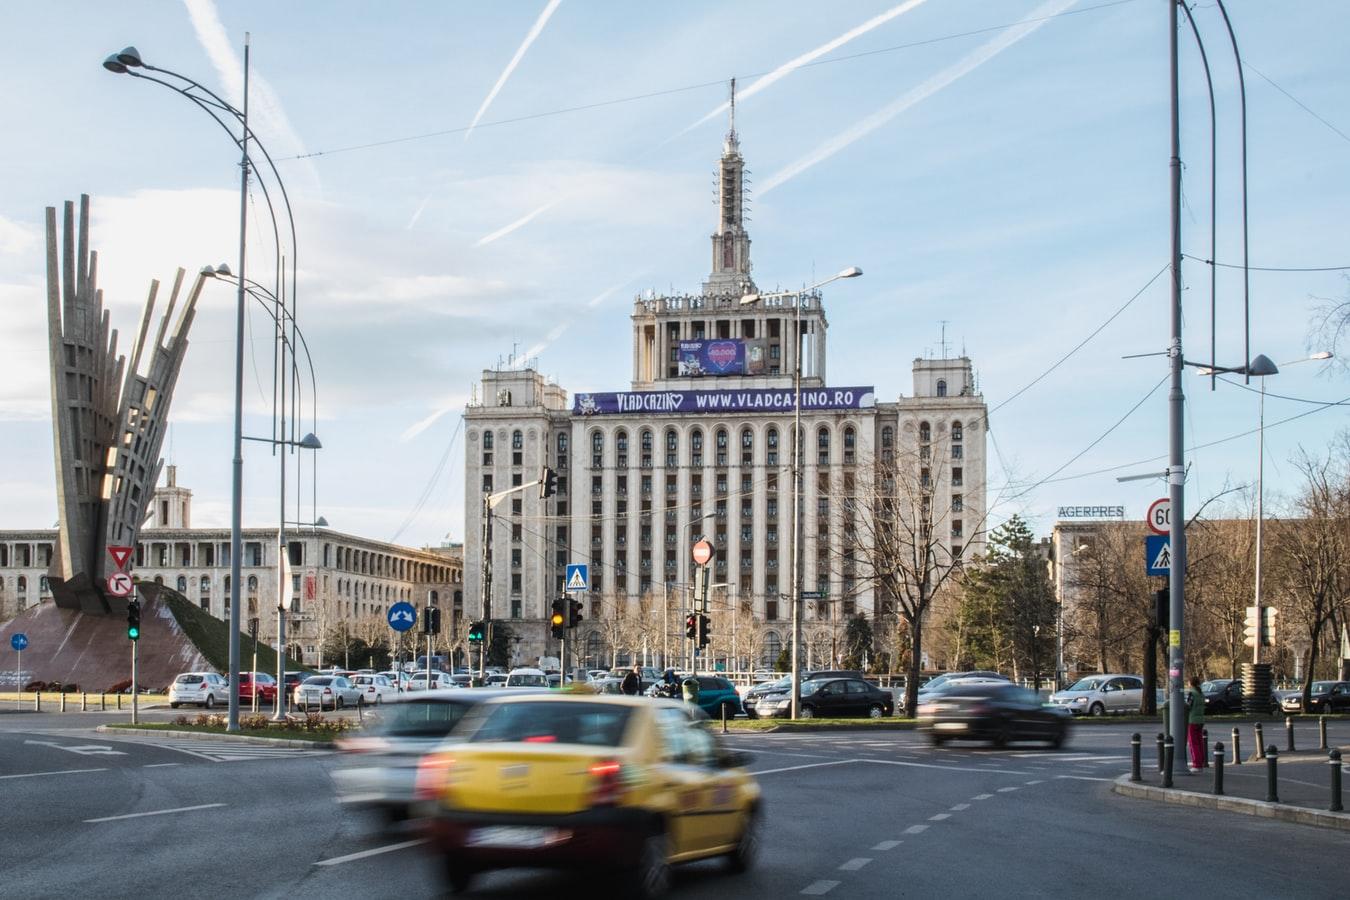 Stadtansicht mit Casa Presei Libere in Bukarest Rumänien